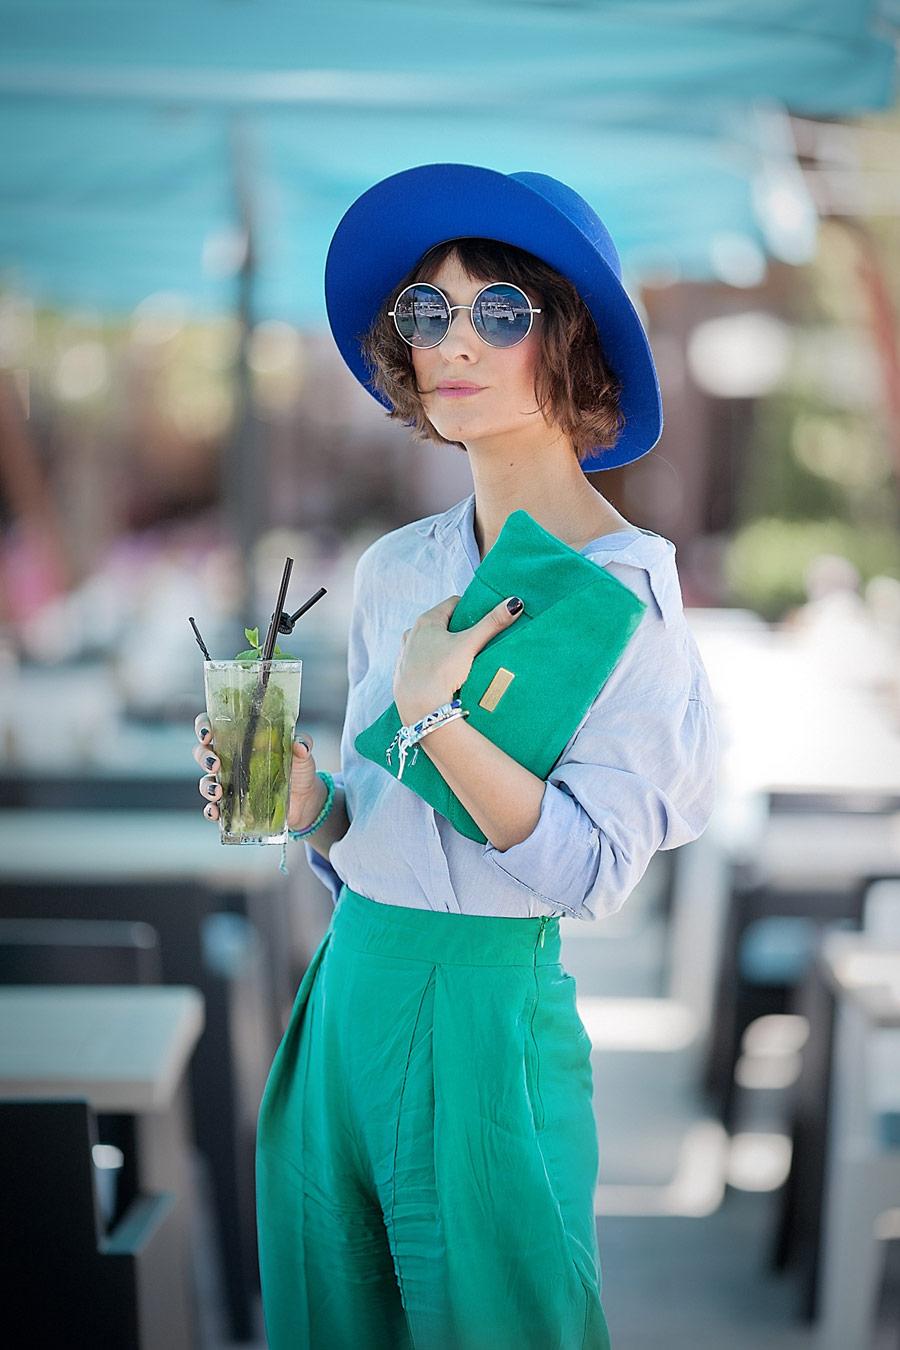 лучший летний лук, стиль колорблок, как одеться стильно и красиво, голубая рубашка, зеленый клатч, синяя шляпа, голубые очки,